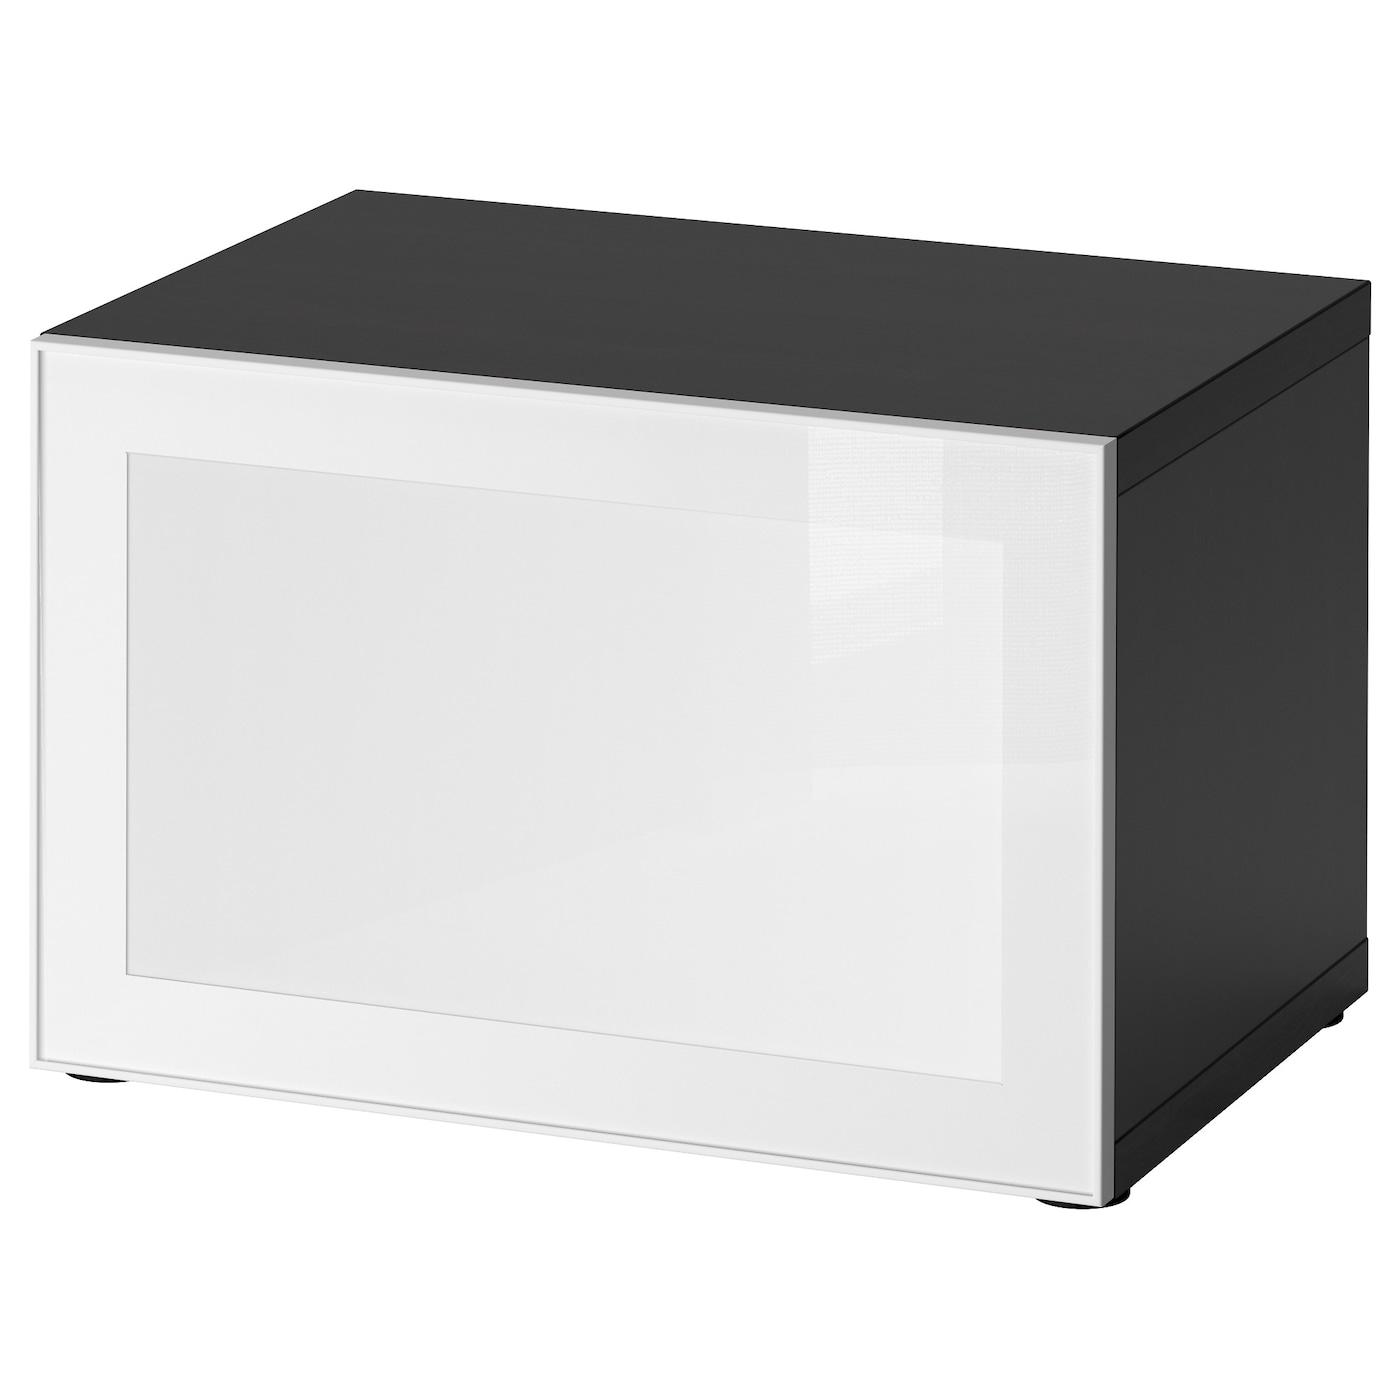 BESTÅ / SURTE, Regal mit LED-Tür, schwarzbraun, weiß 891.931.42